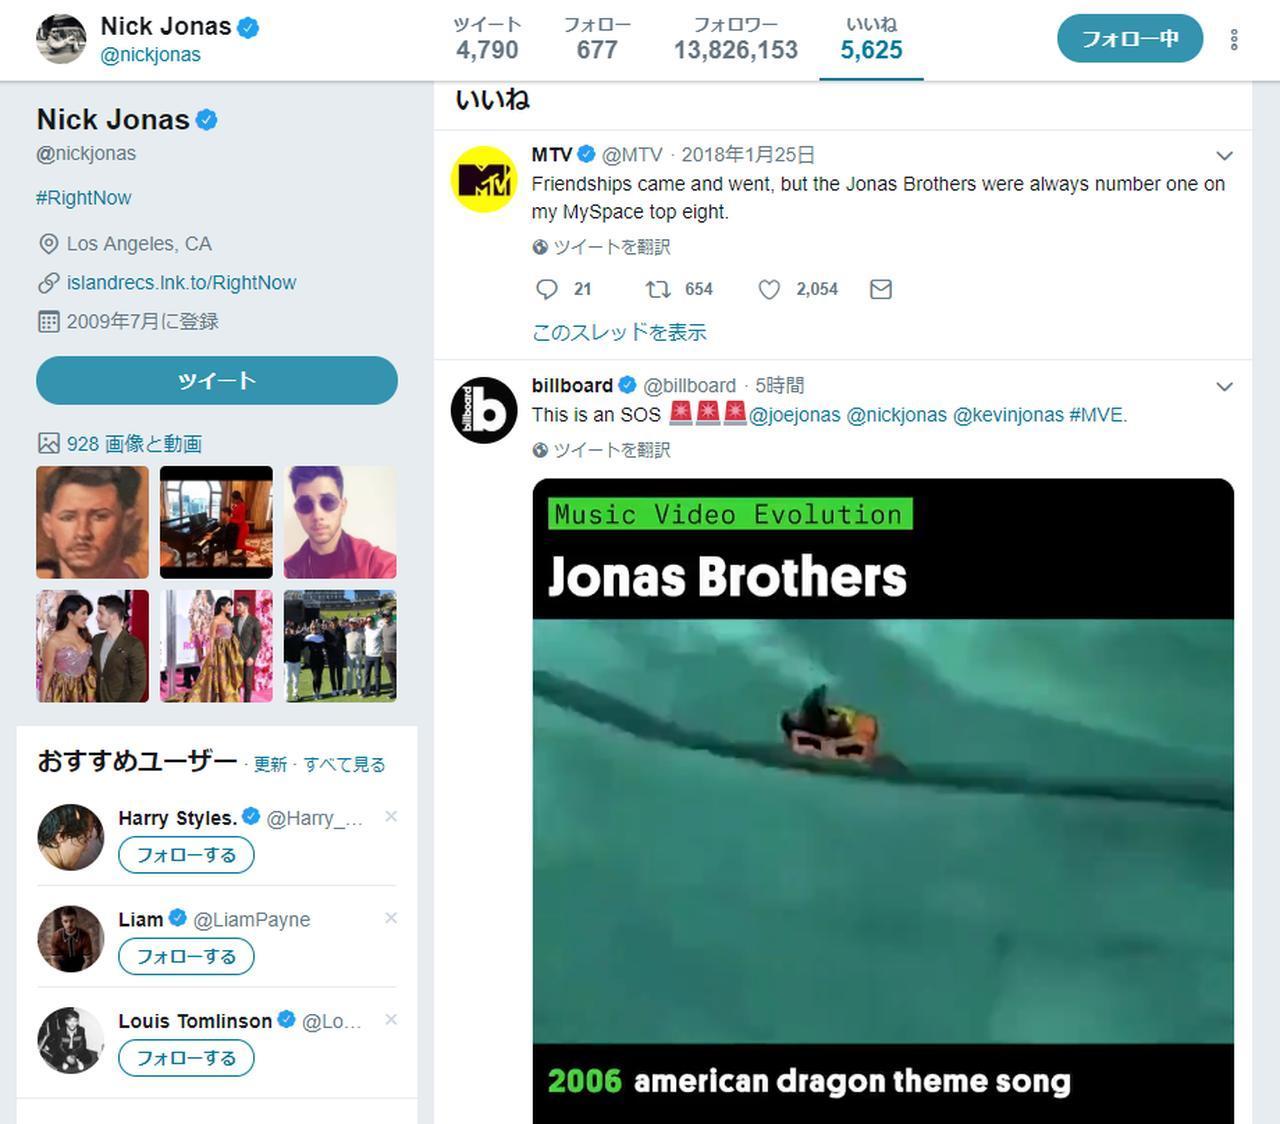 画像3: ジョナス・ブラザーズ、2019年にバンド名を変えて再結成か?